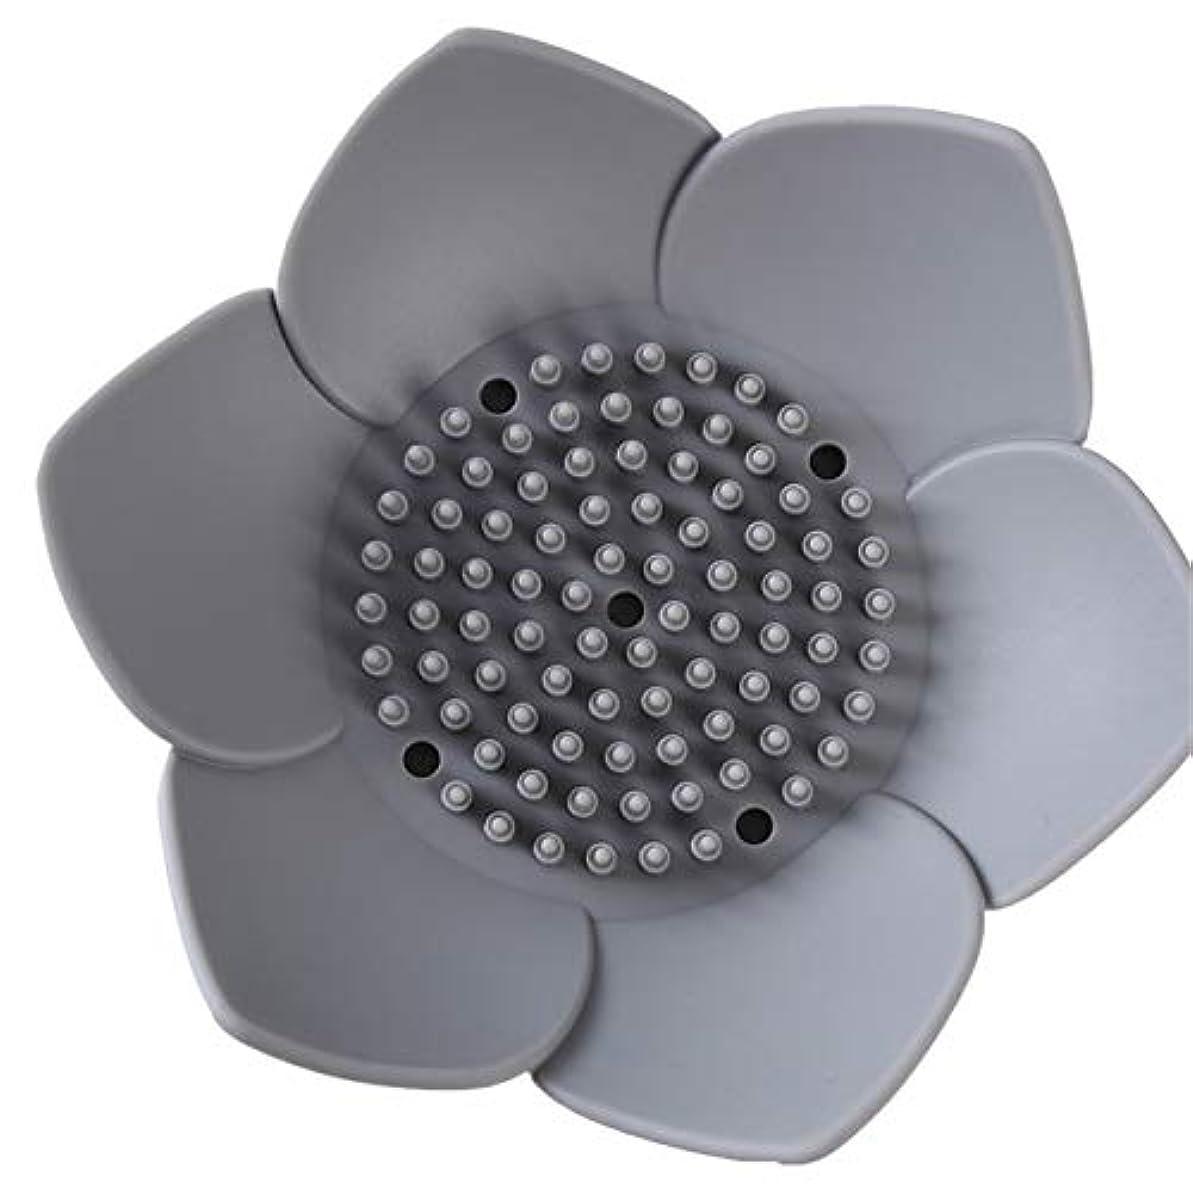 ほめる適応顕微鏡ZALING 浴室フラワーソープボックストレイドレンフレグランス手作りソープディスペンサーラックグレー